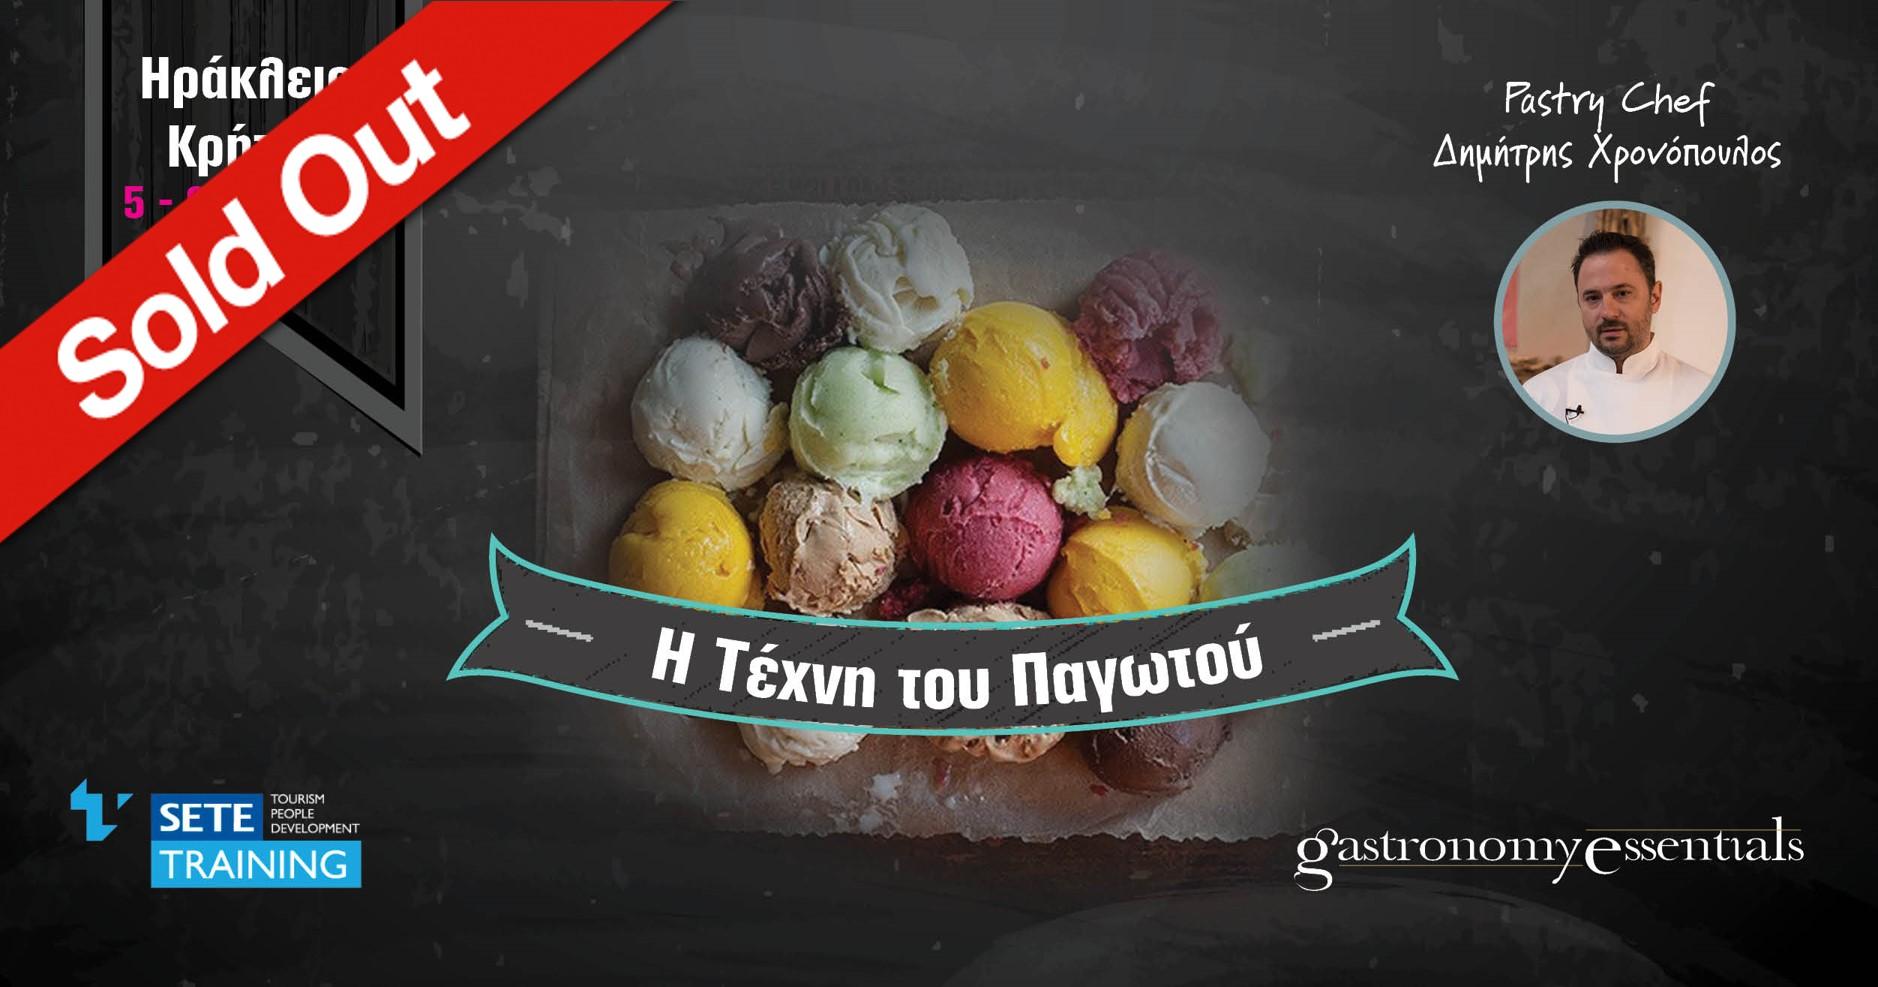 Η Τέχνη του παγωτού - Ηράκλειο Κρήτης